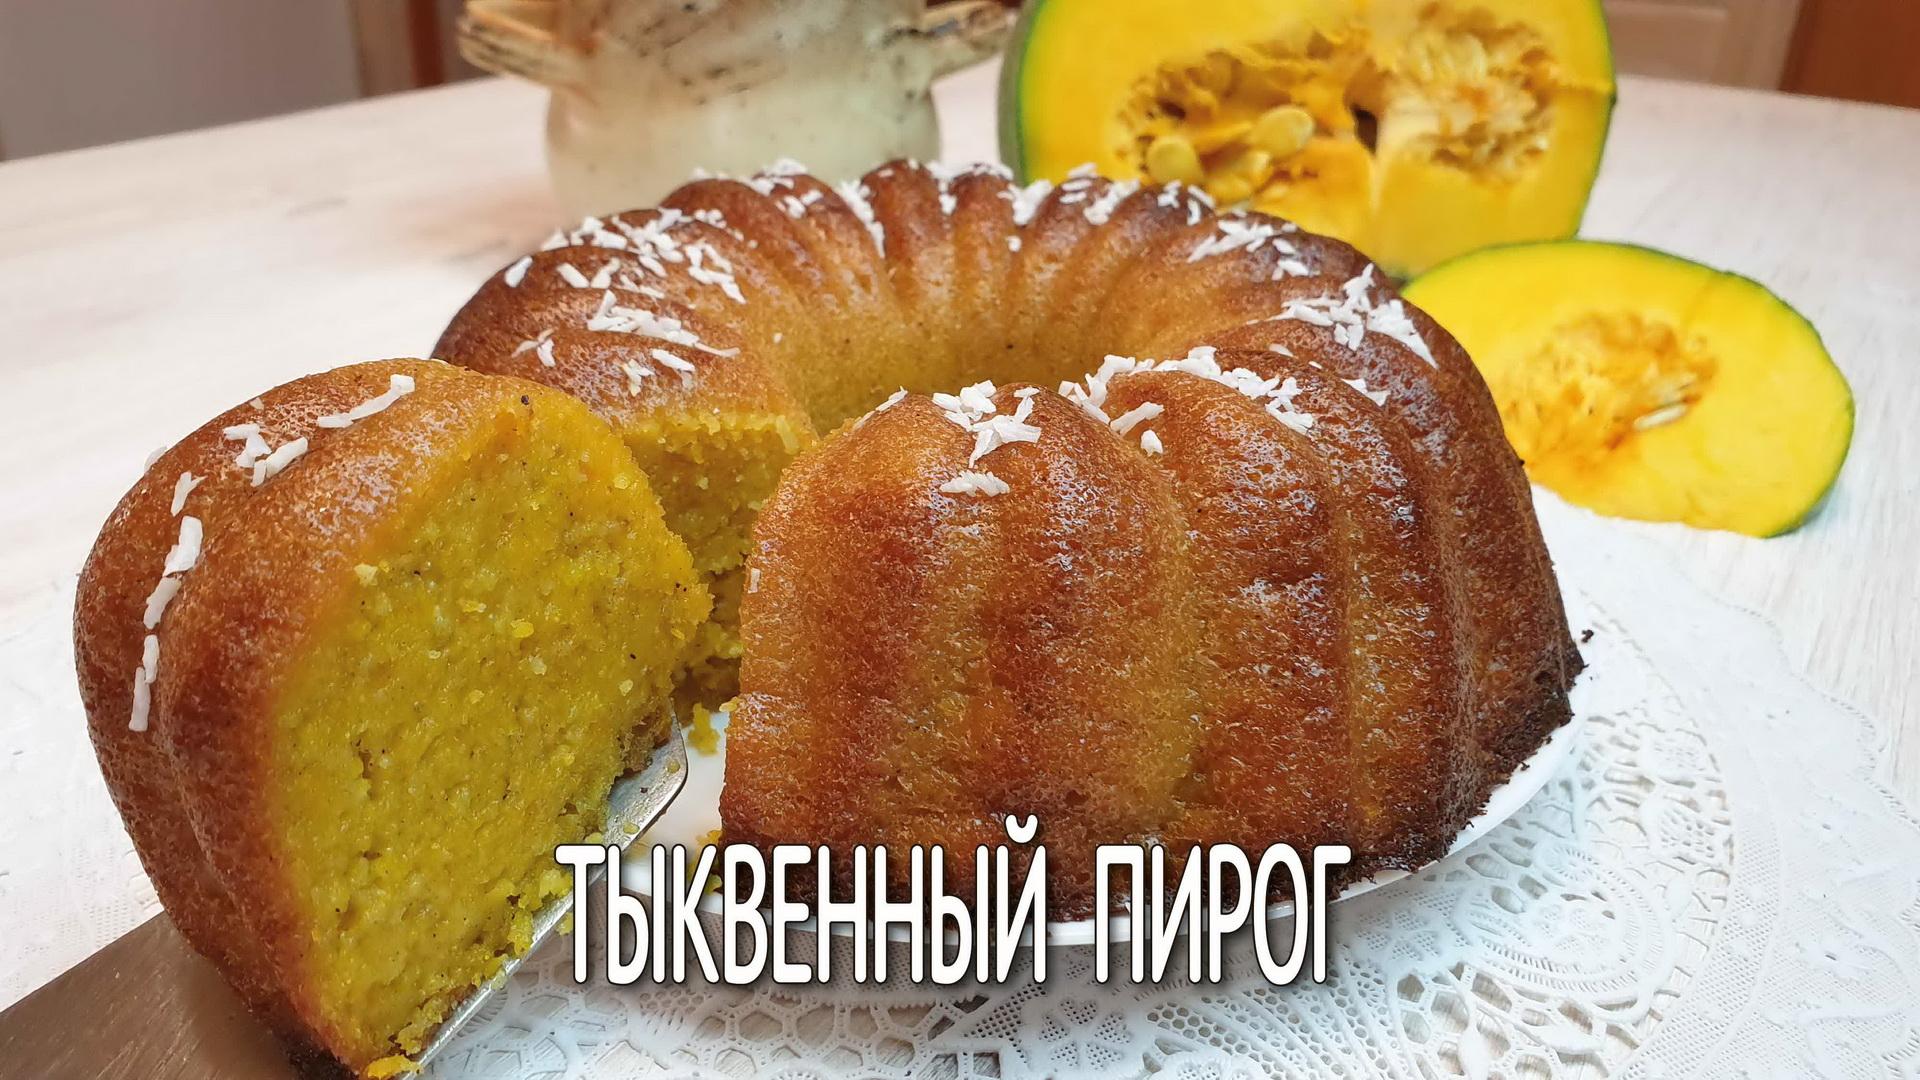 Ароматный тыквенный пирог. Готовим вкуснейший манник из тыквы. Тыквенные рецепты на скорую руку.